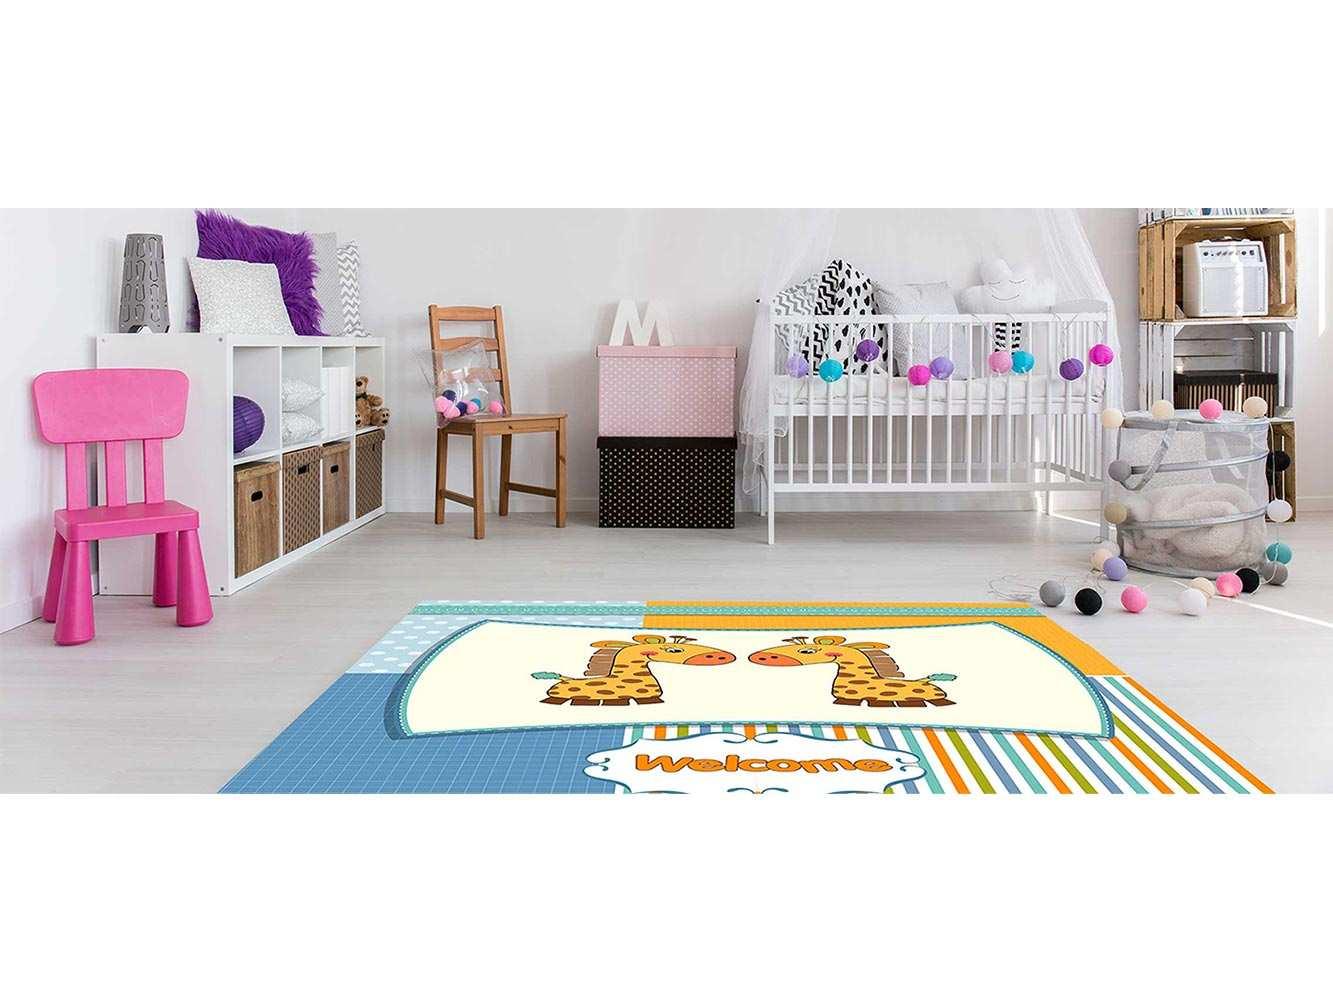 Alfombra PVC Infantil Jirafas Welcome | Carteles XXL - Impresión carteleria publicitaria